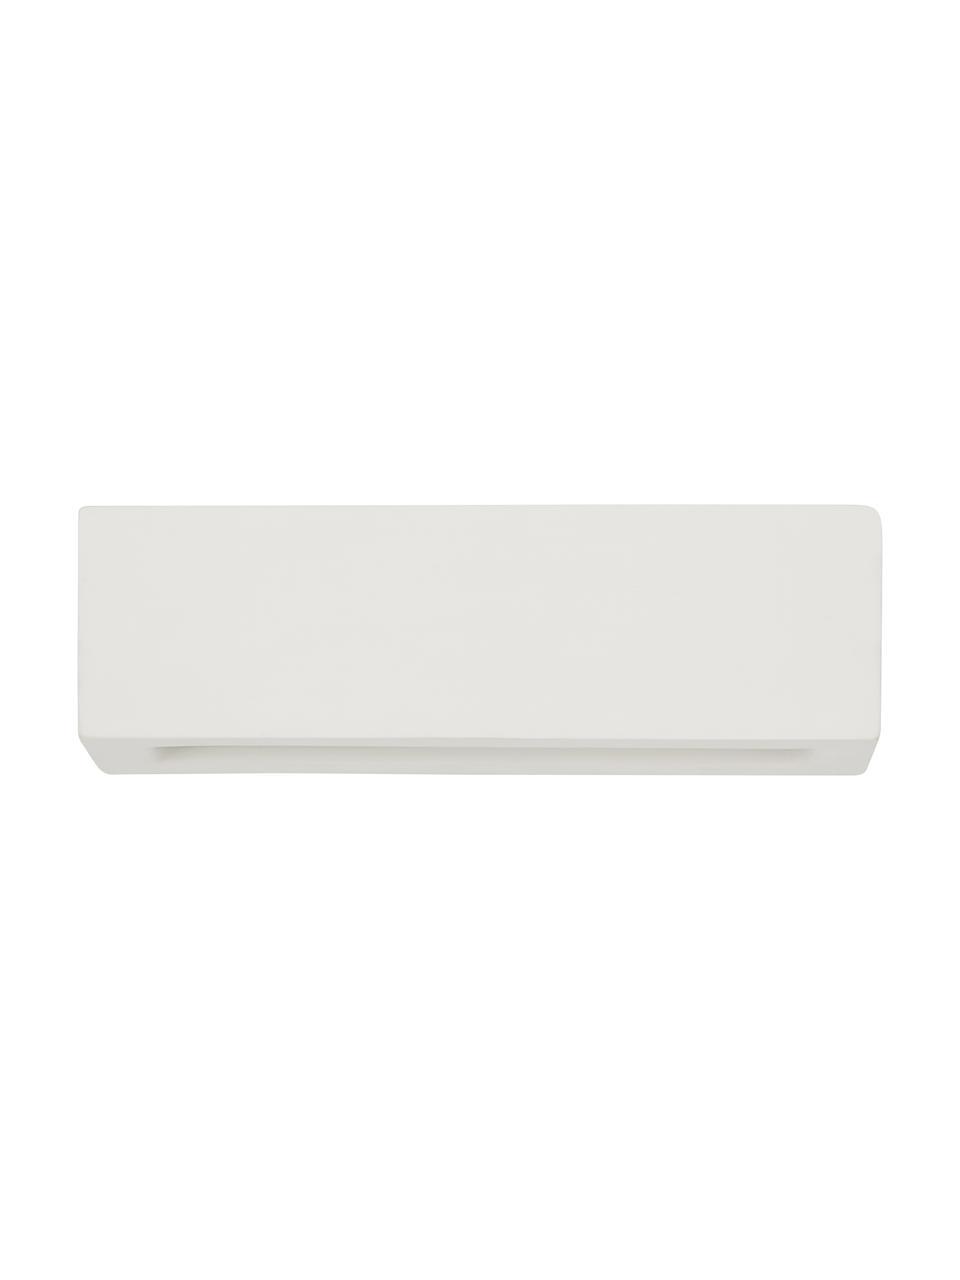 Applique in ceramica Madrid, Paralume: ceramica opaca, Bianco crema, Larg. 32 x Alt. 9 cm